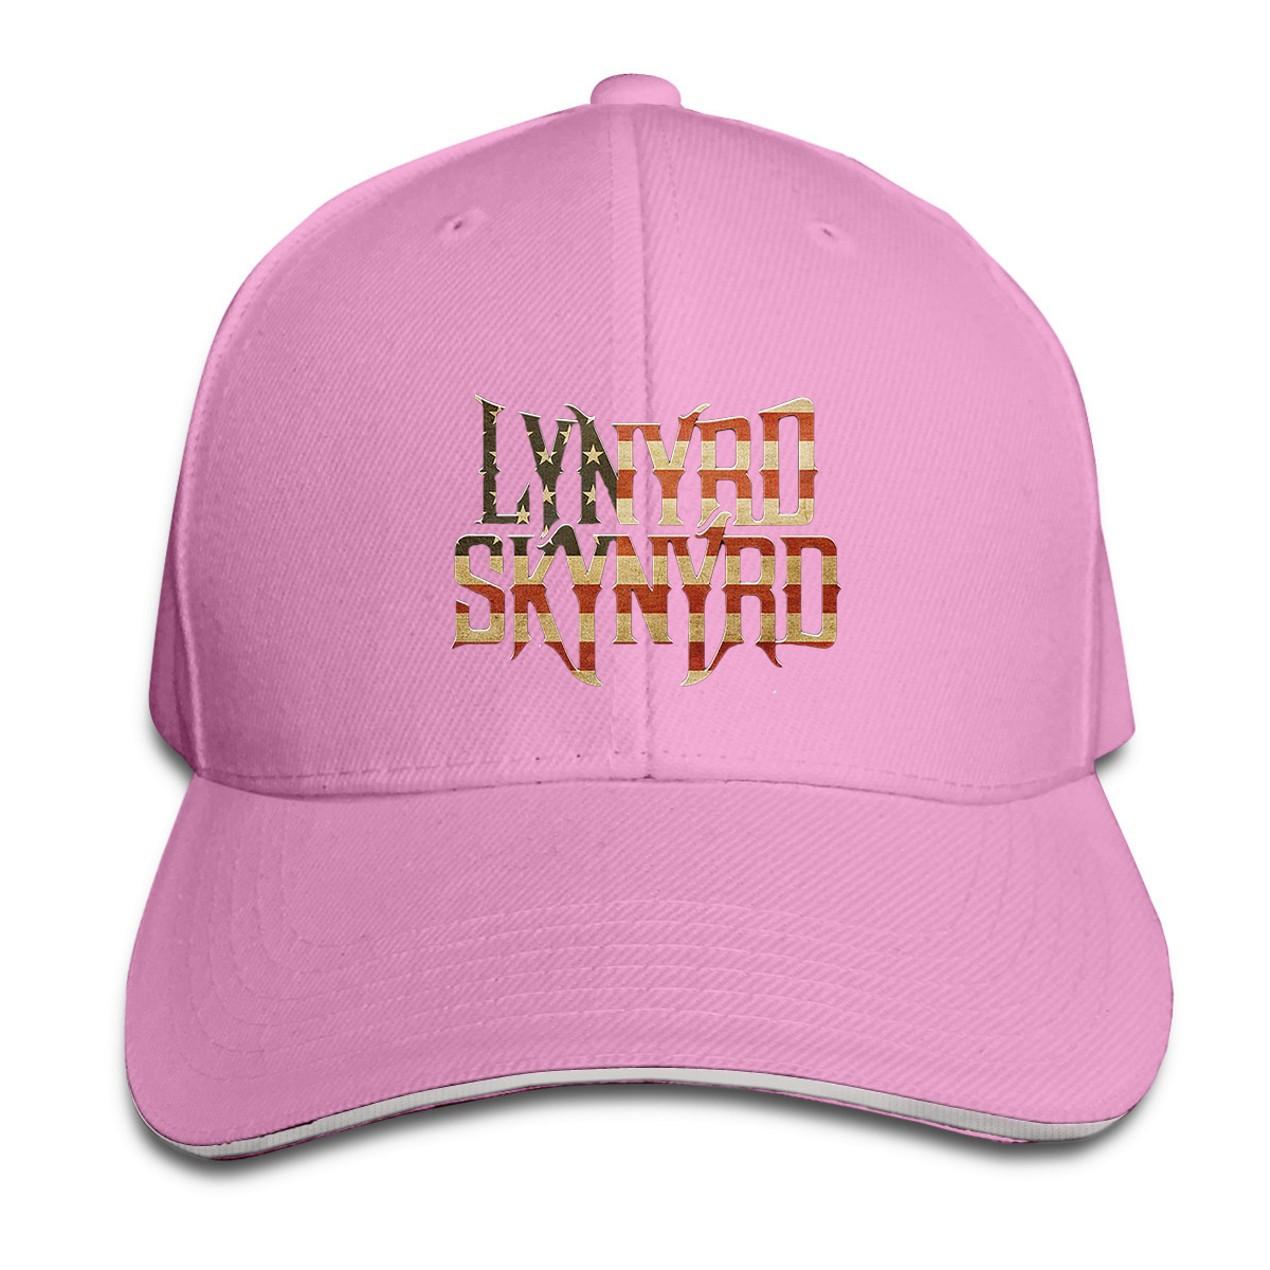 Vintage Lynyrd Skynyrd Logo Snapback Baseball Caps Hat - Tanga 6ef418fef1a